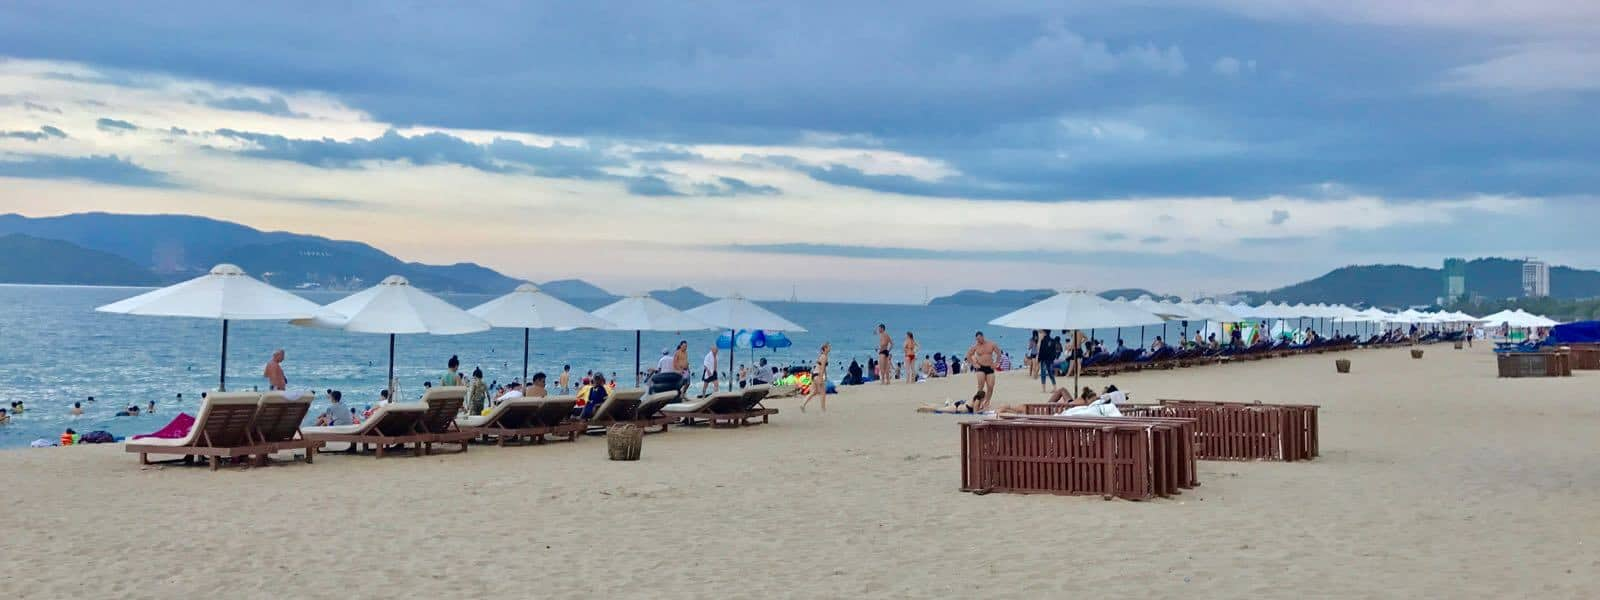 Nah Trang beach Vietnam betternotstop